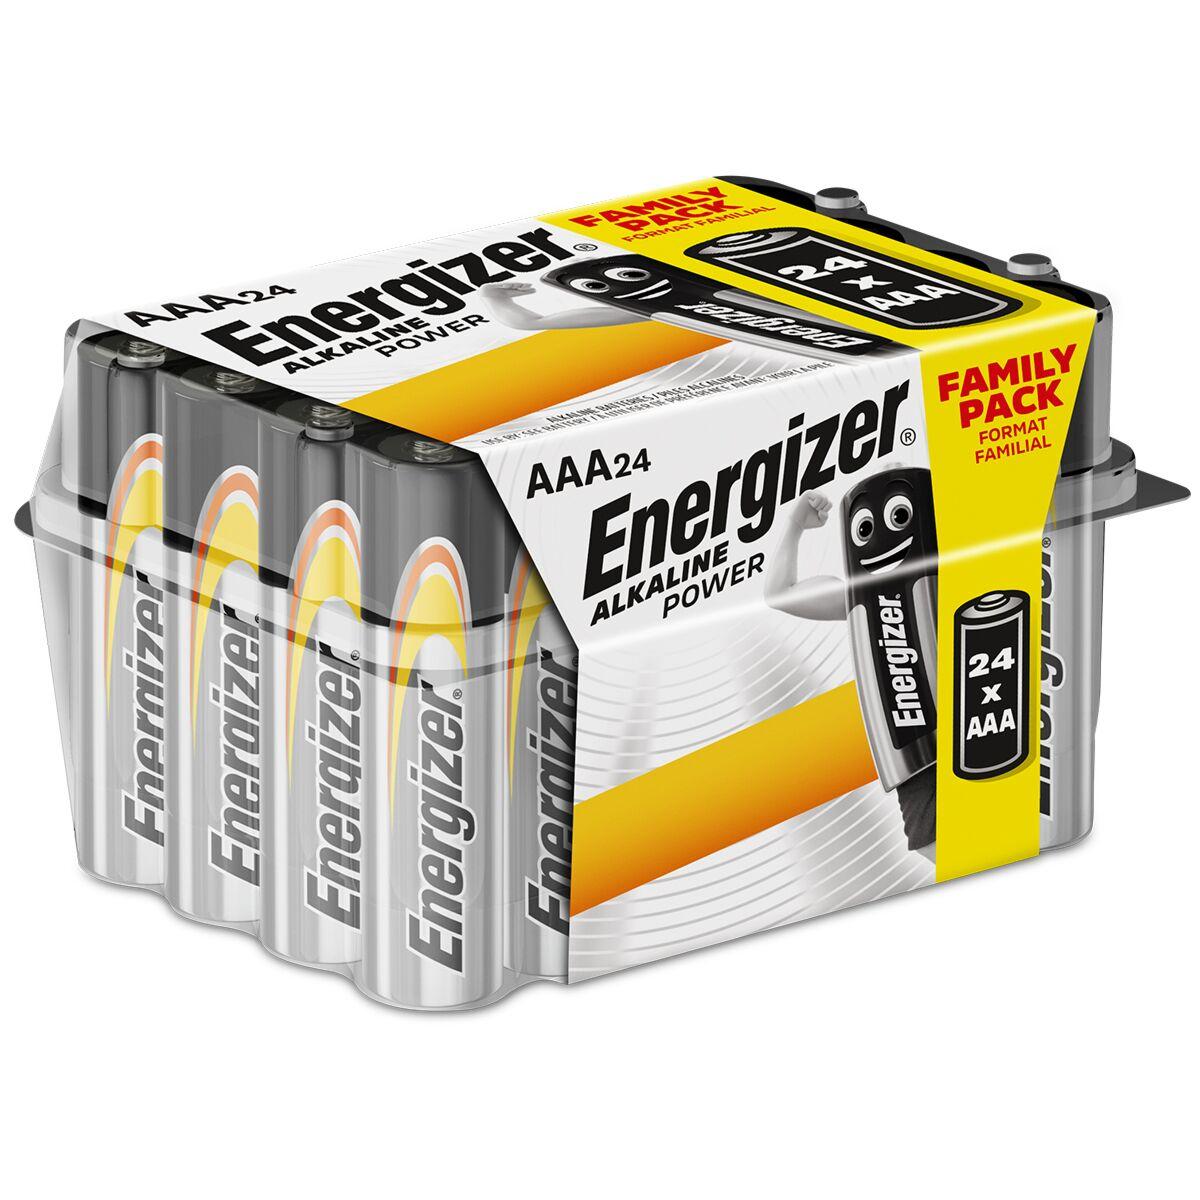 Energizer AAA Alkaline Power Batteries 24 Pack £7.99 & Robert Dyas